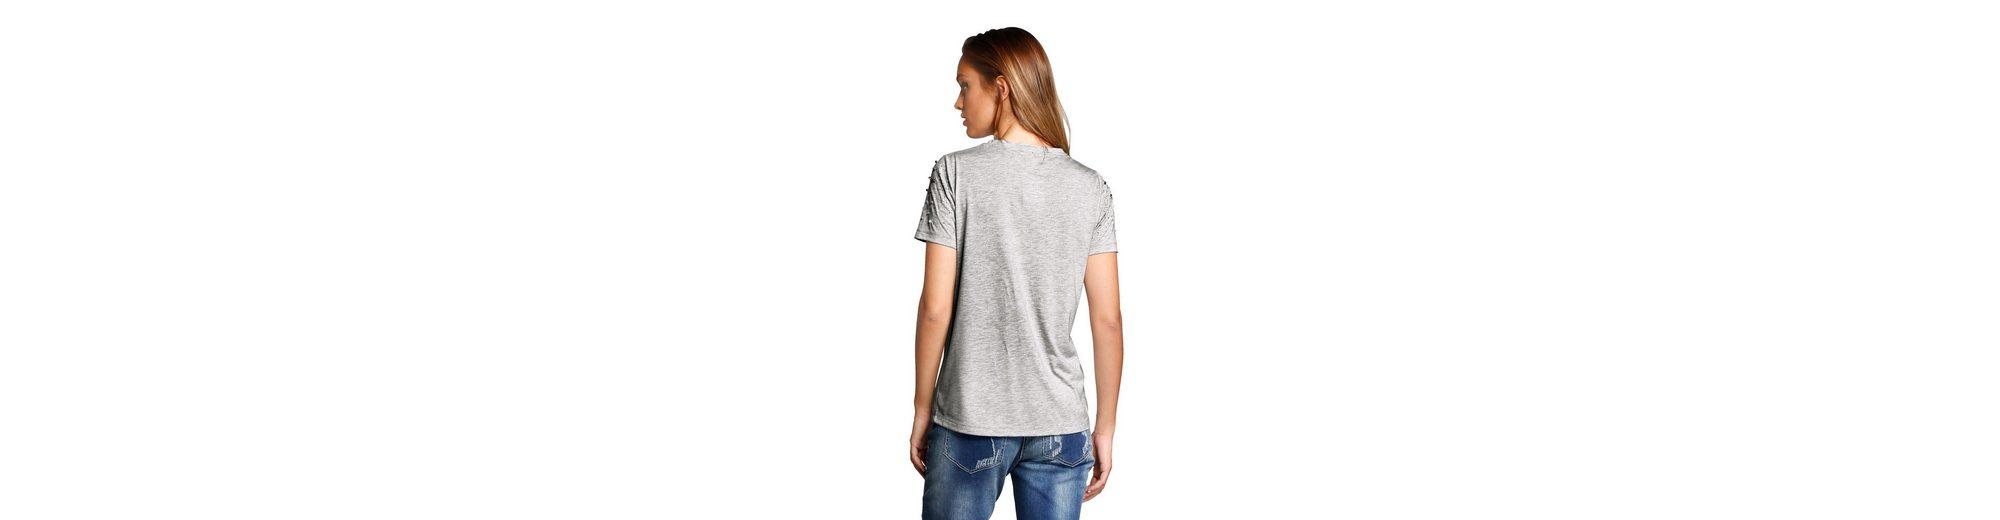 Rabatt Bester Platz Alba Moda Shirt mit Zierperlen Bestes Geschäft Zu Bekommen Online Günstig Kaufen Billig yownEj